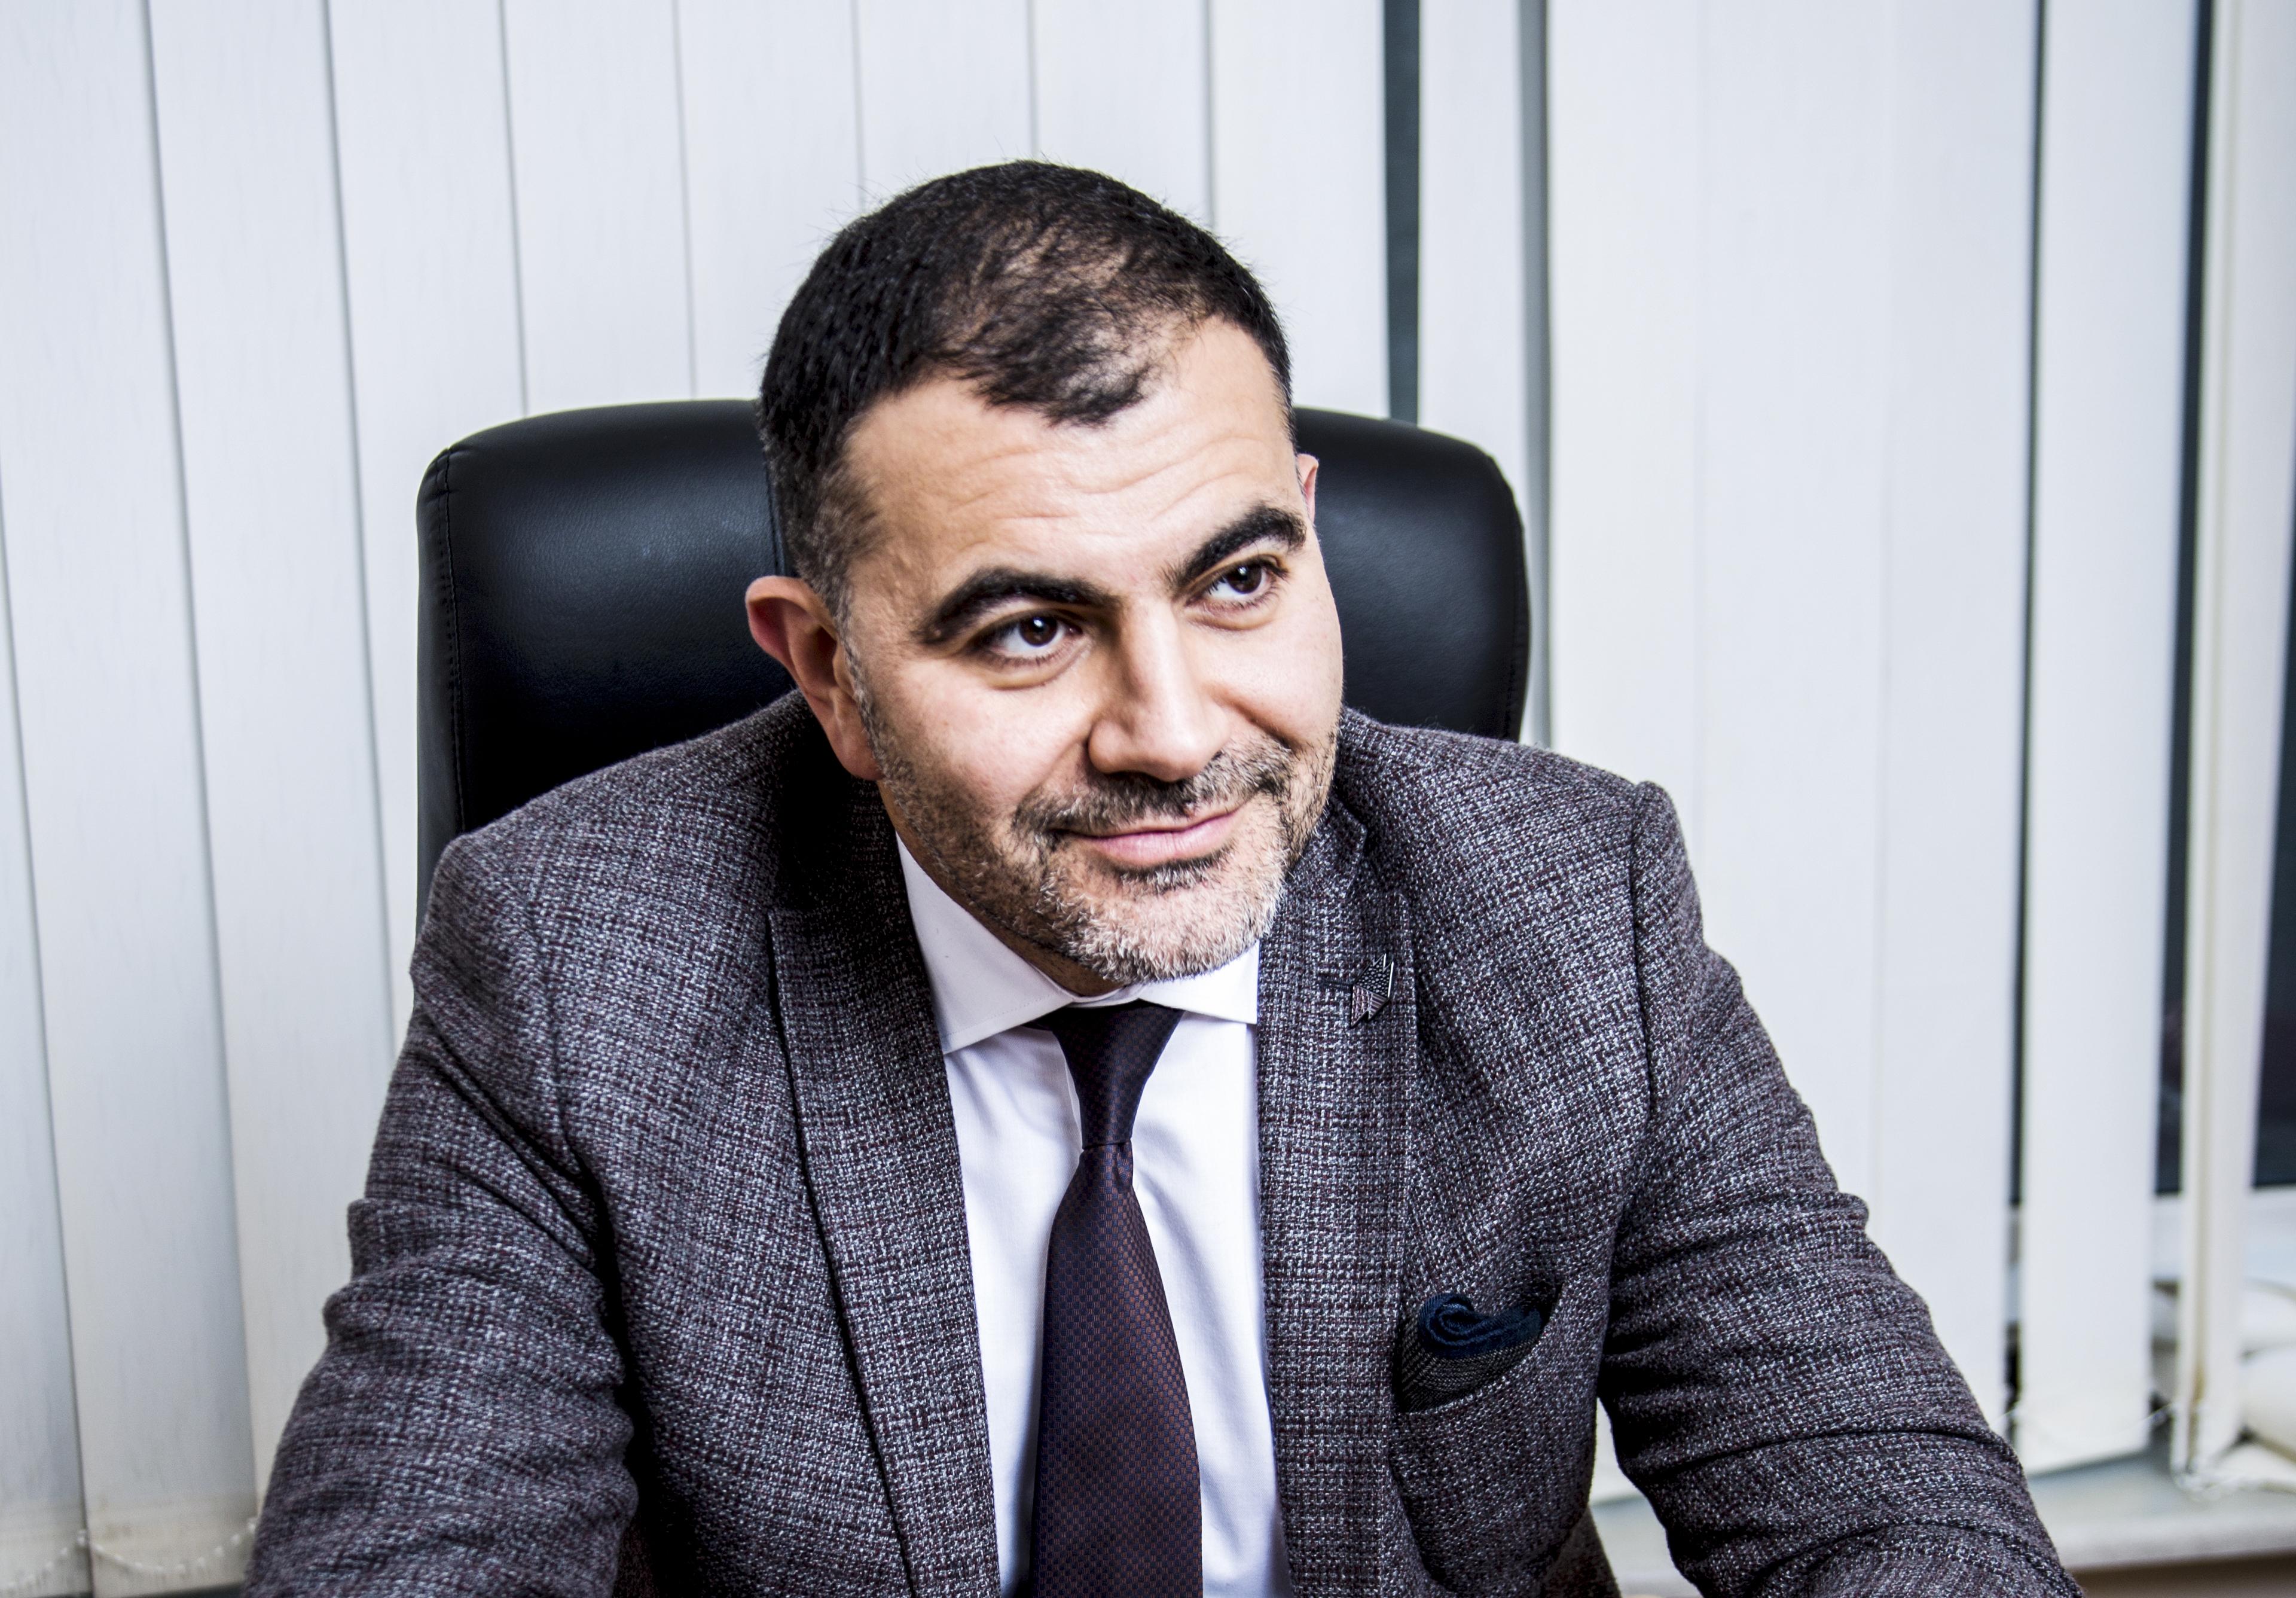 Укргазбанк будет частично приватизирован в первом квартале 2020 года